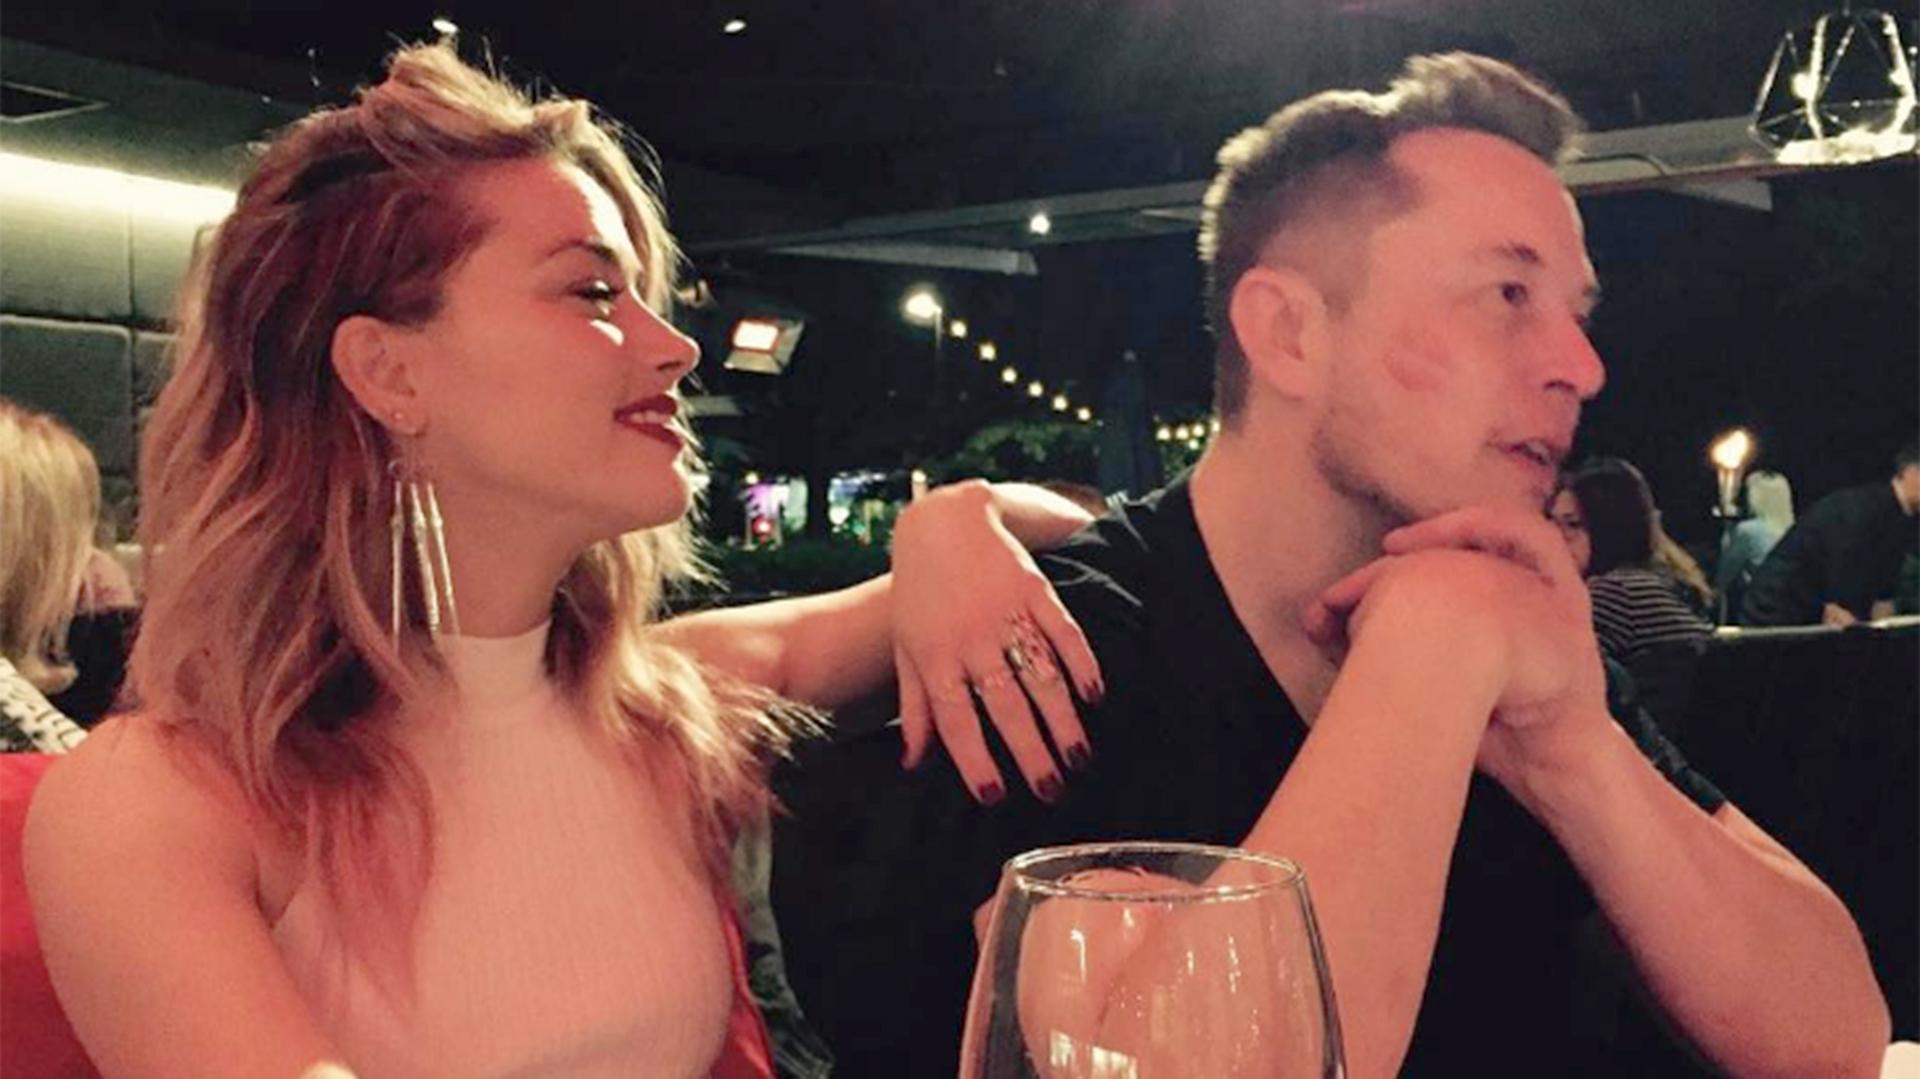 Amber Heard junto a Elon Musk. El romance duró un suspiro. Musk fue quien terminó la relación